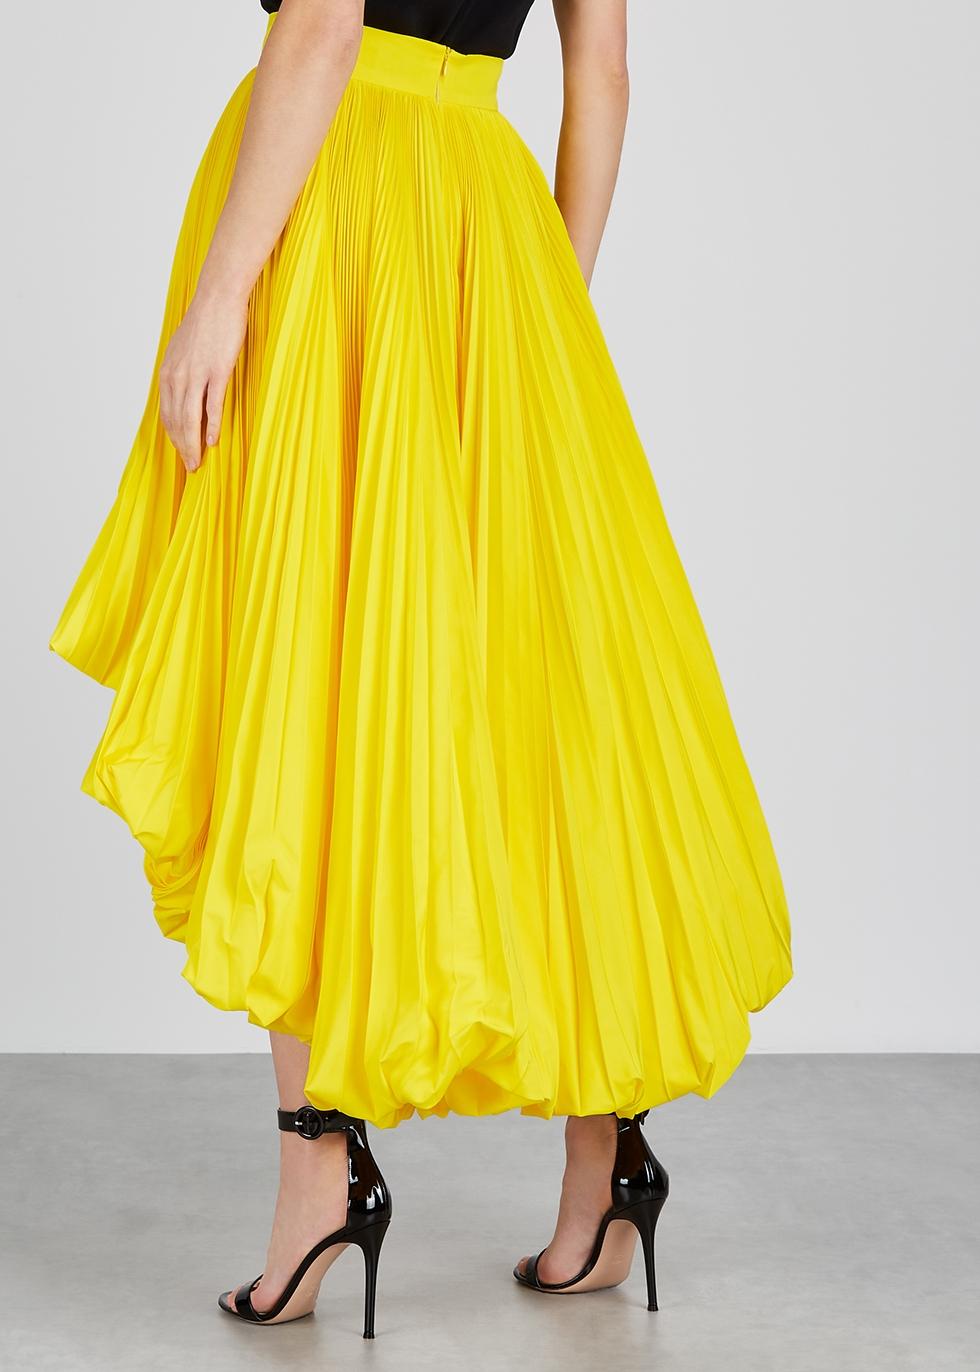 Yellow pleated faille midi skirt - Alexandre Vauthier